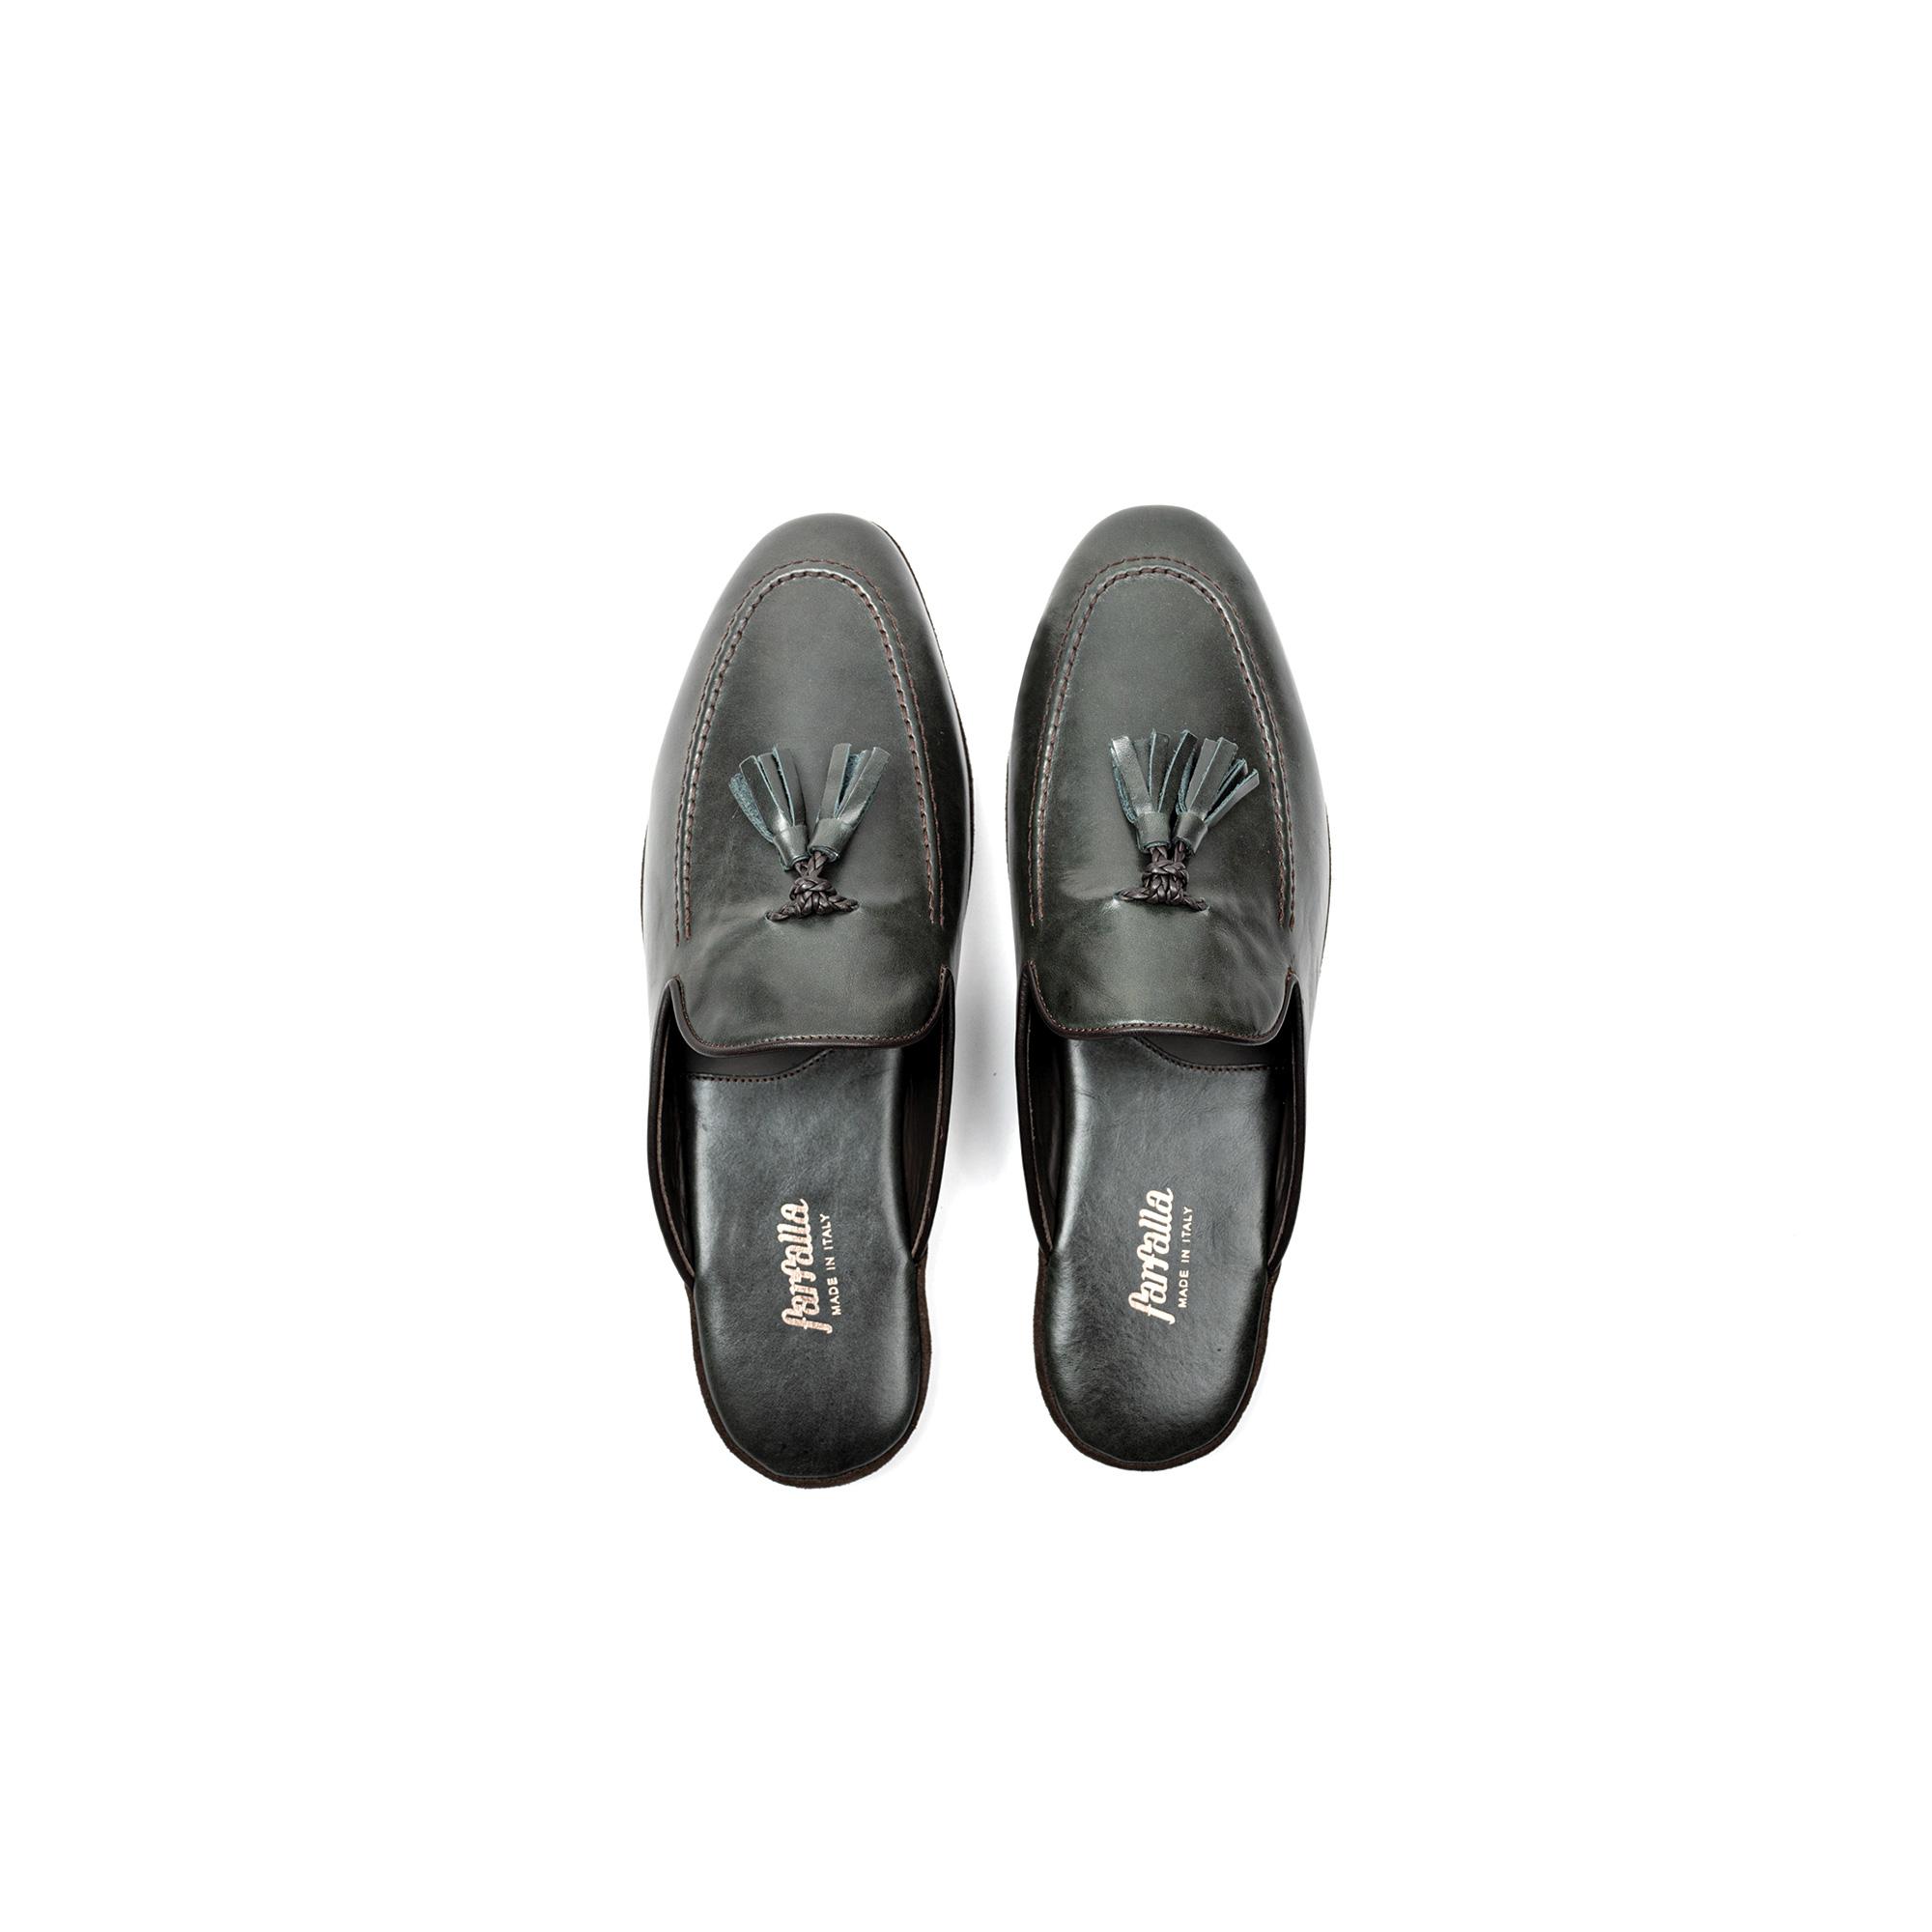 Pantofola interno classico in pelle vitello verde - Farfalla italian slippers